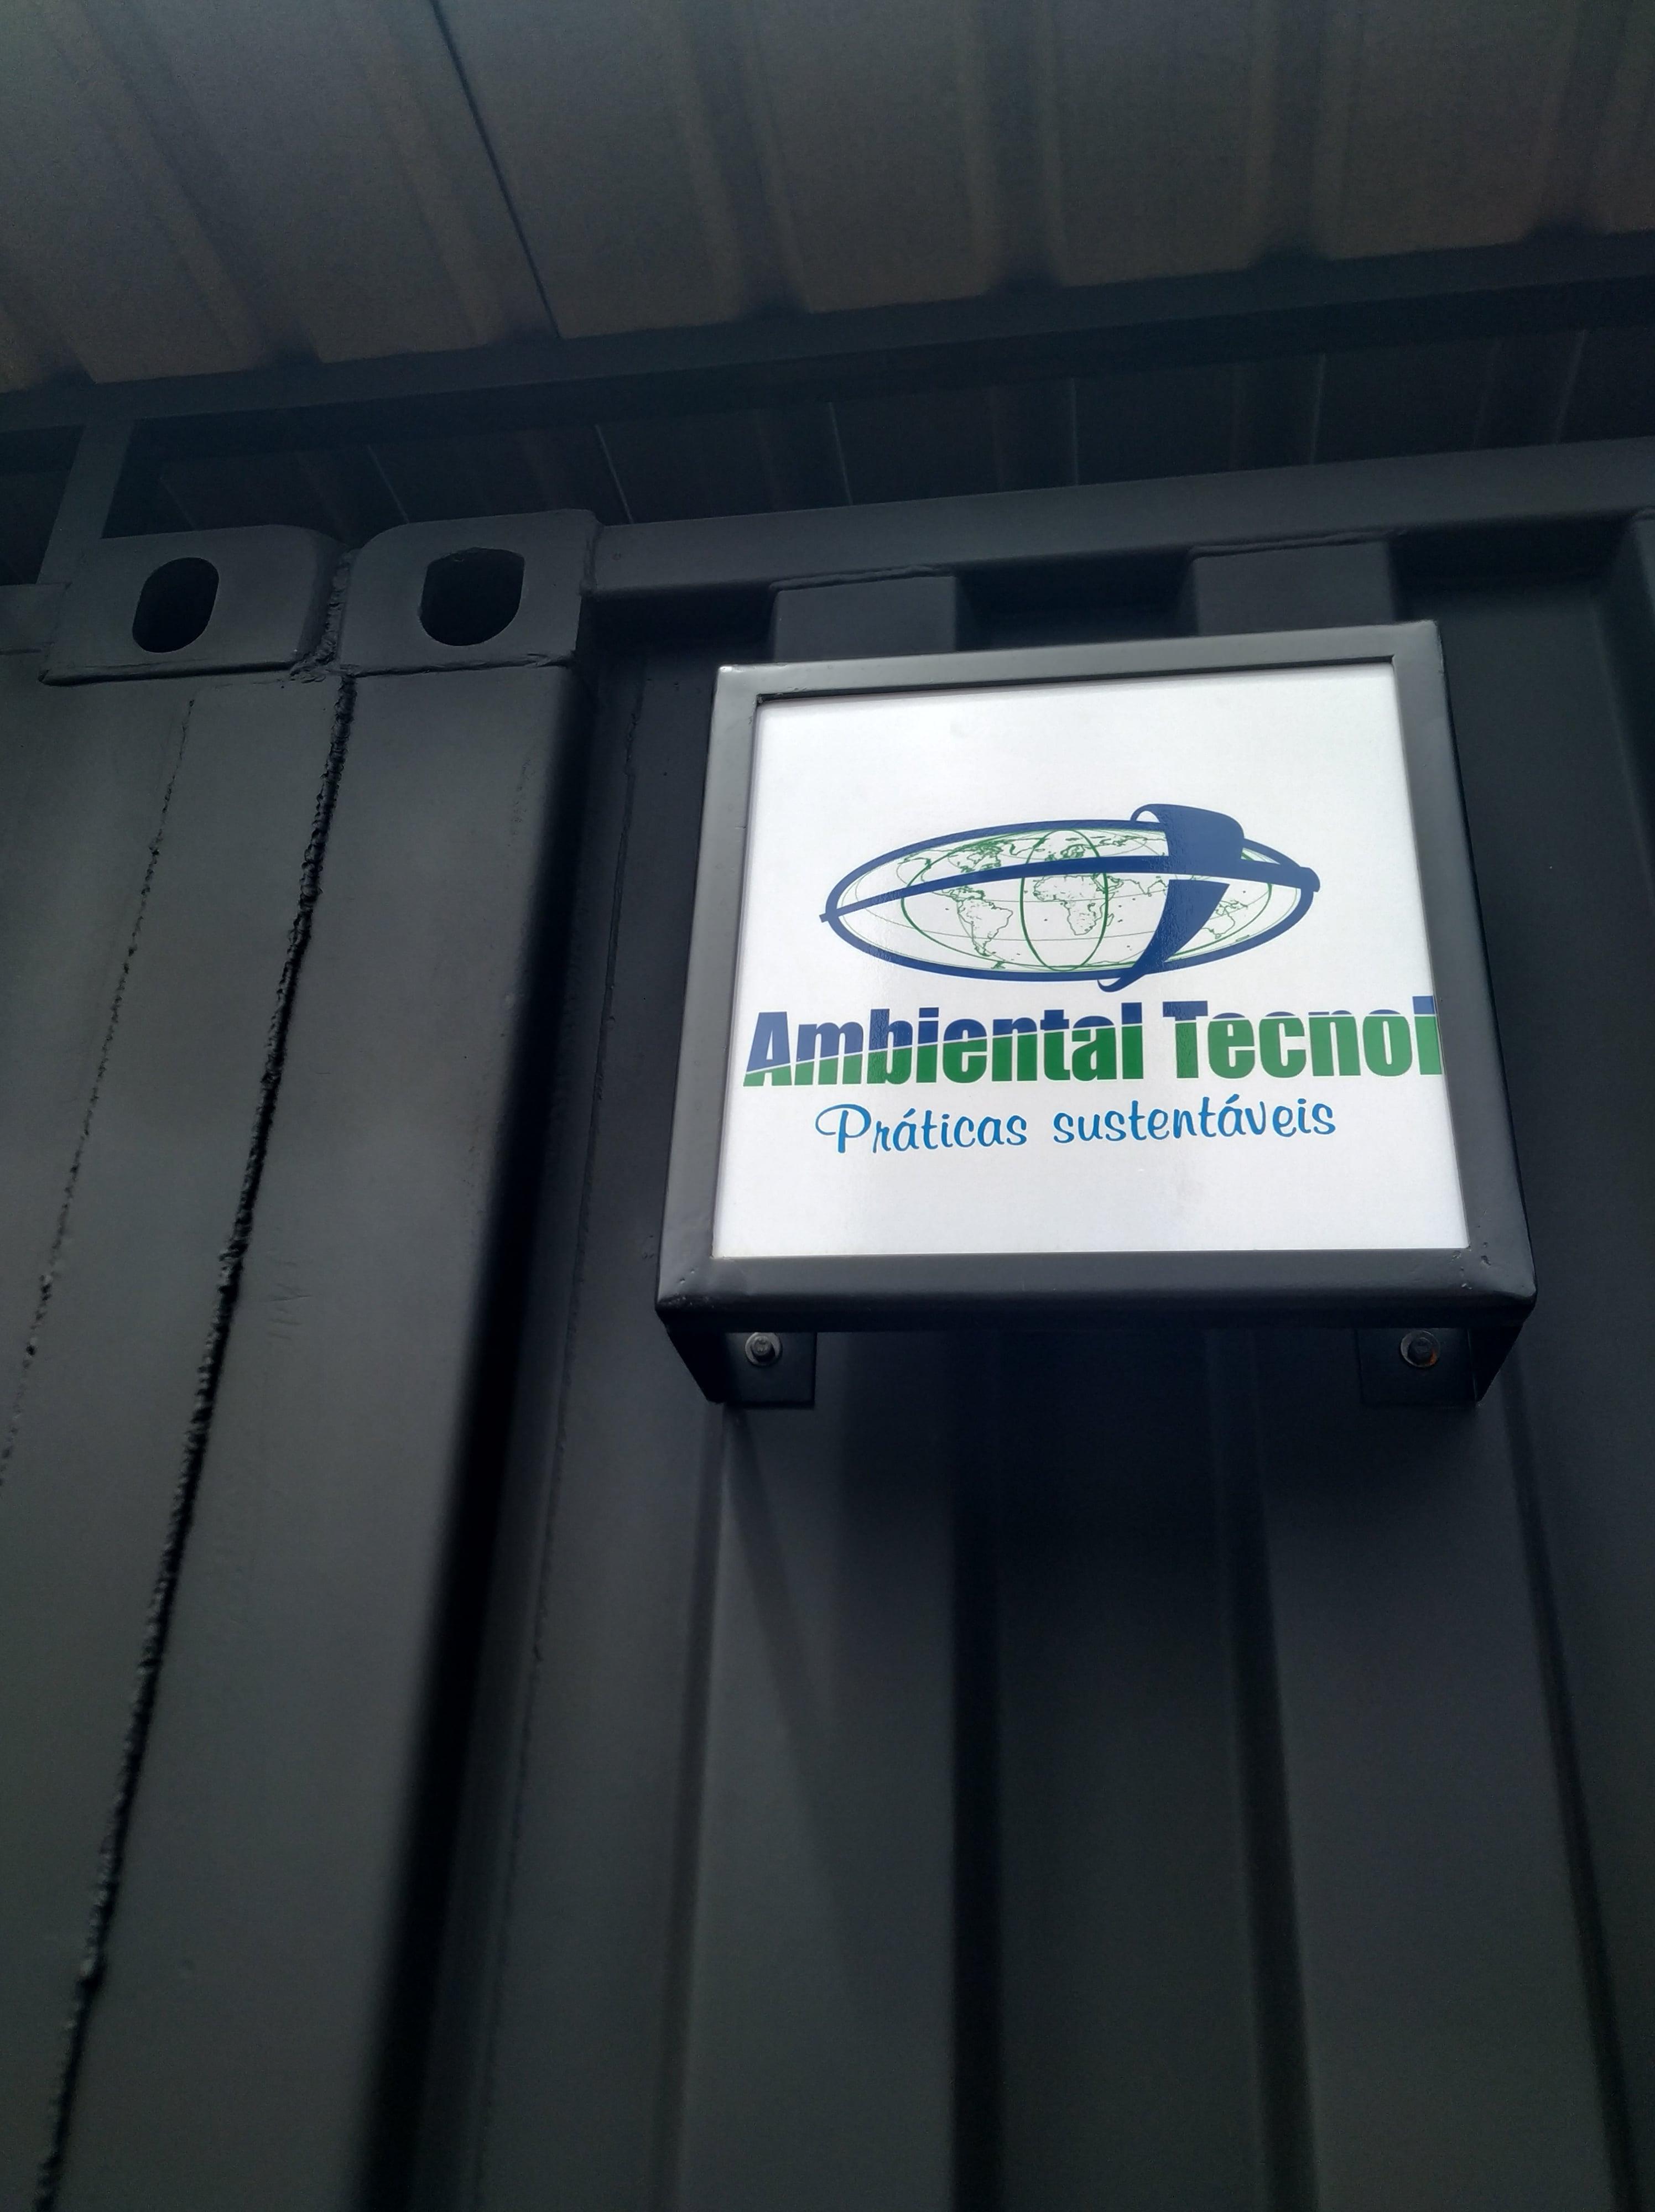 Ambiental Tecnol inaugura novo simulador de incêndio para o Corpo de Bombeiros